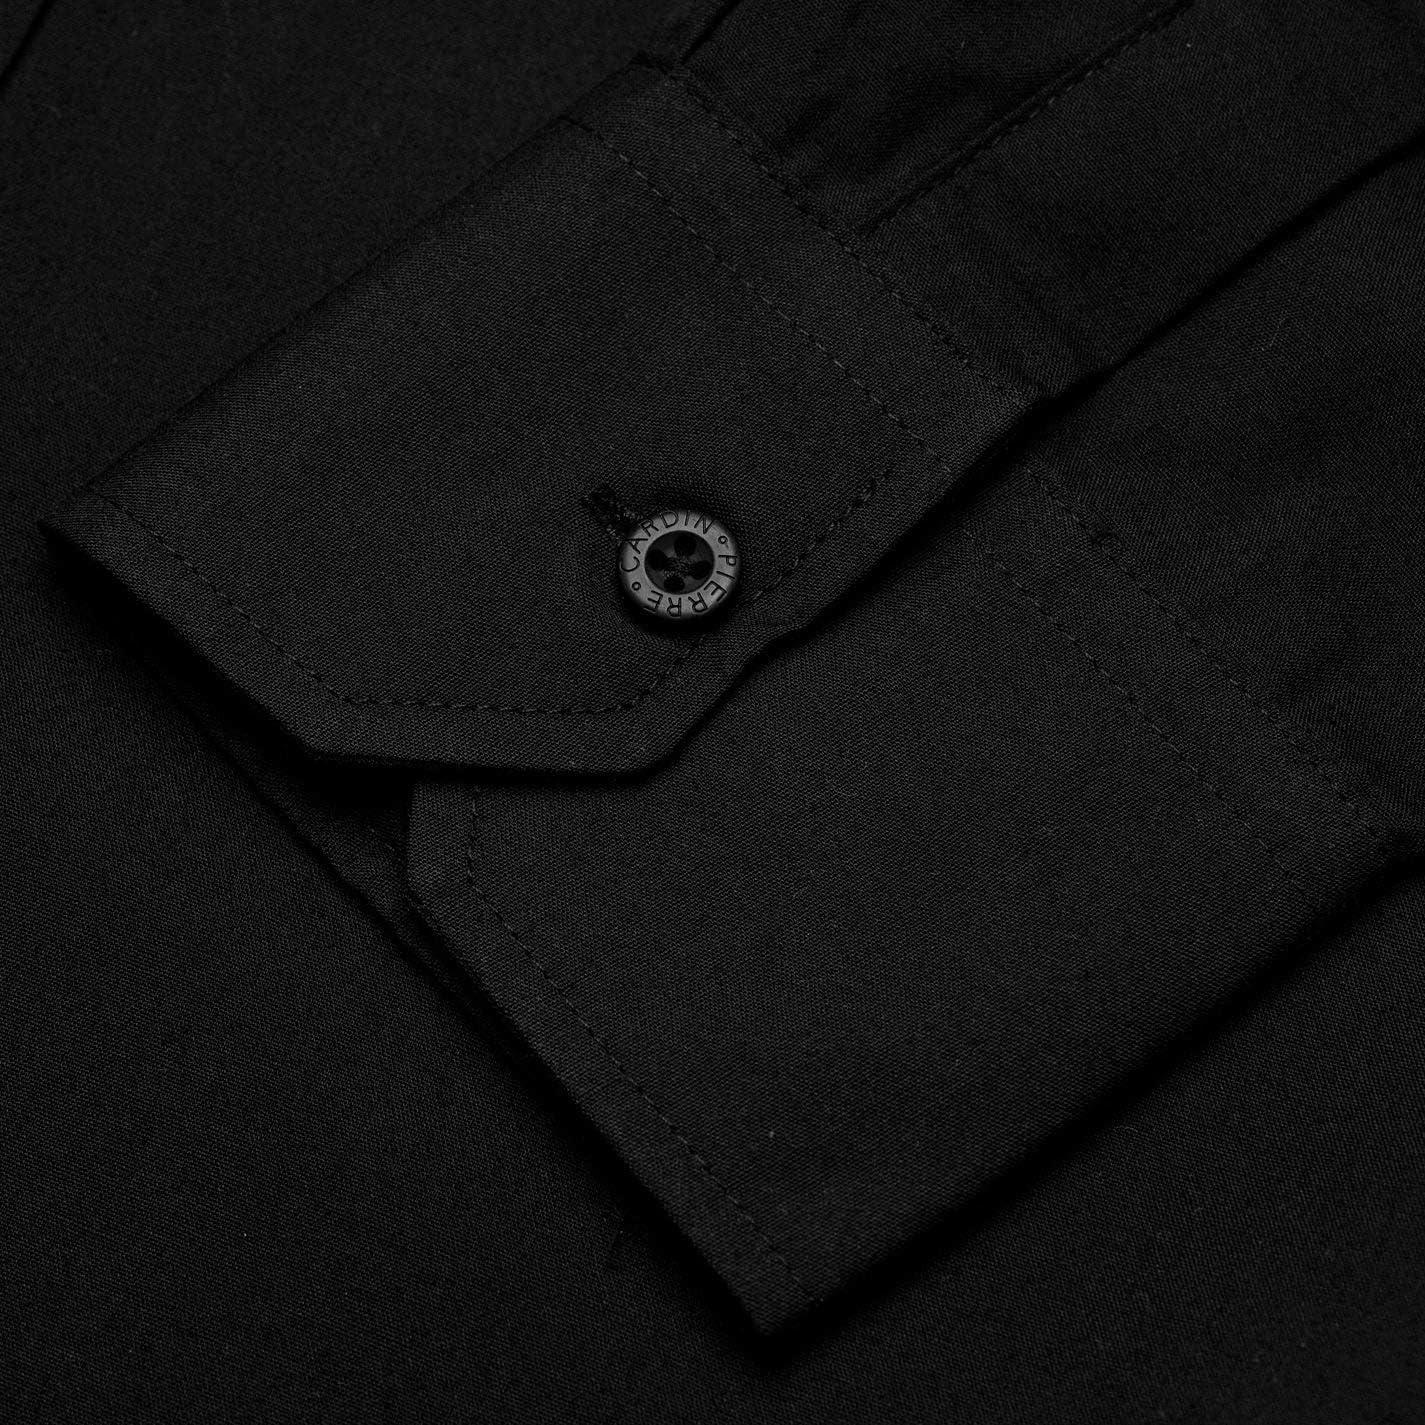 DEMO Damen Langarm Freizeitkleider Lose Crewneck Pullover Sweatshirt Tuinc T-Shirt Kleid mit Taschen